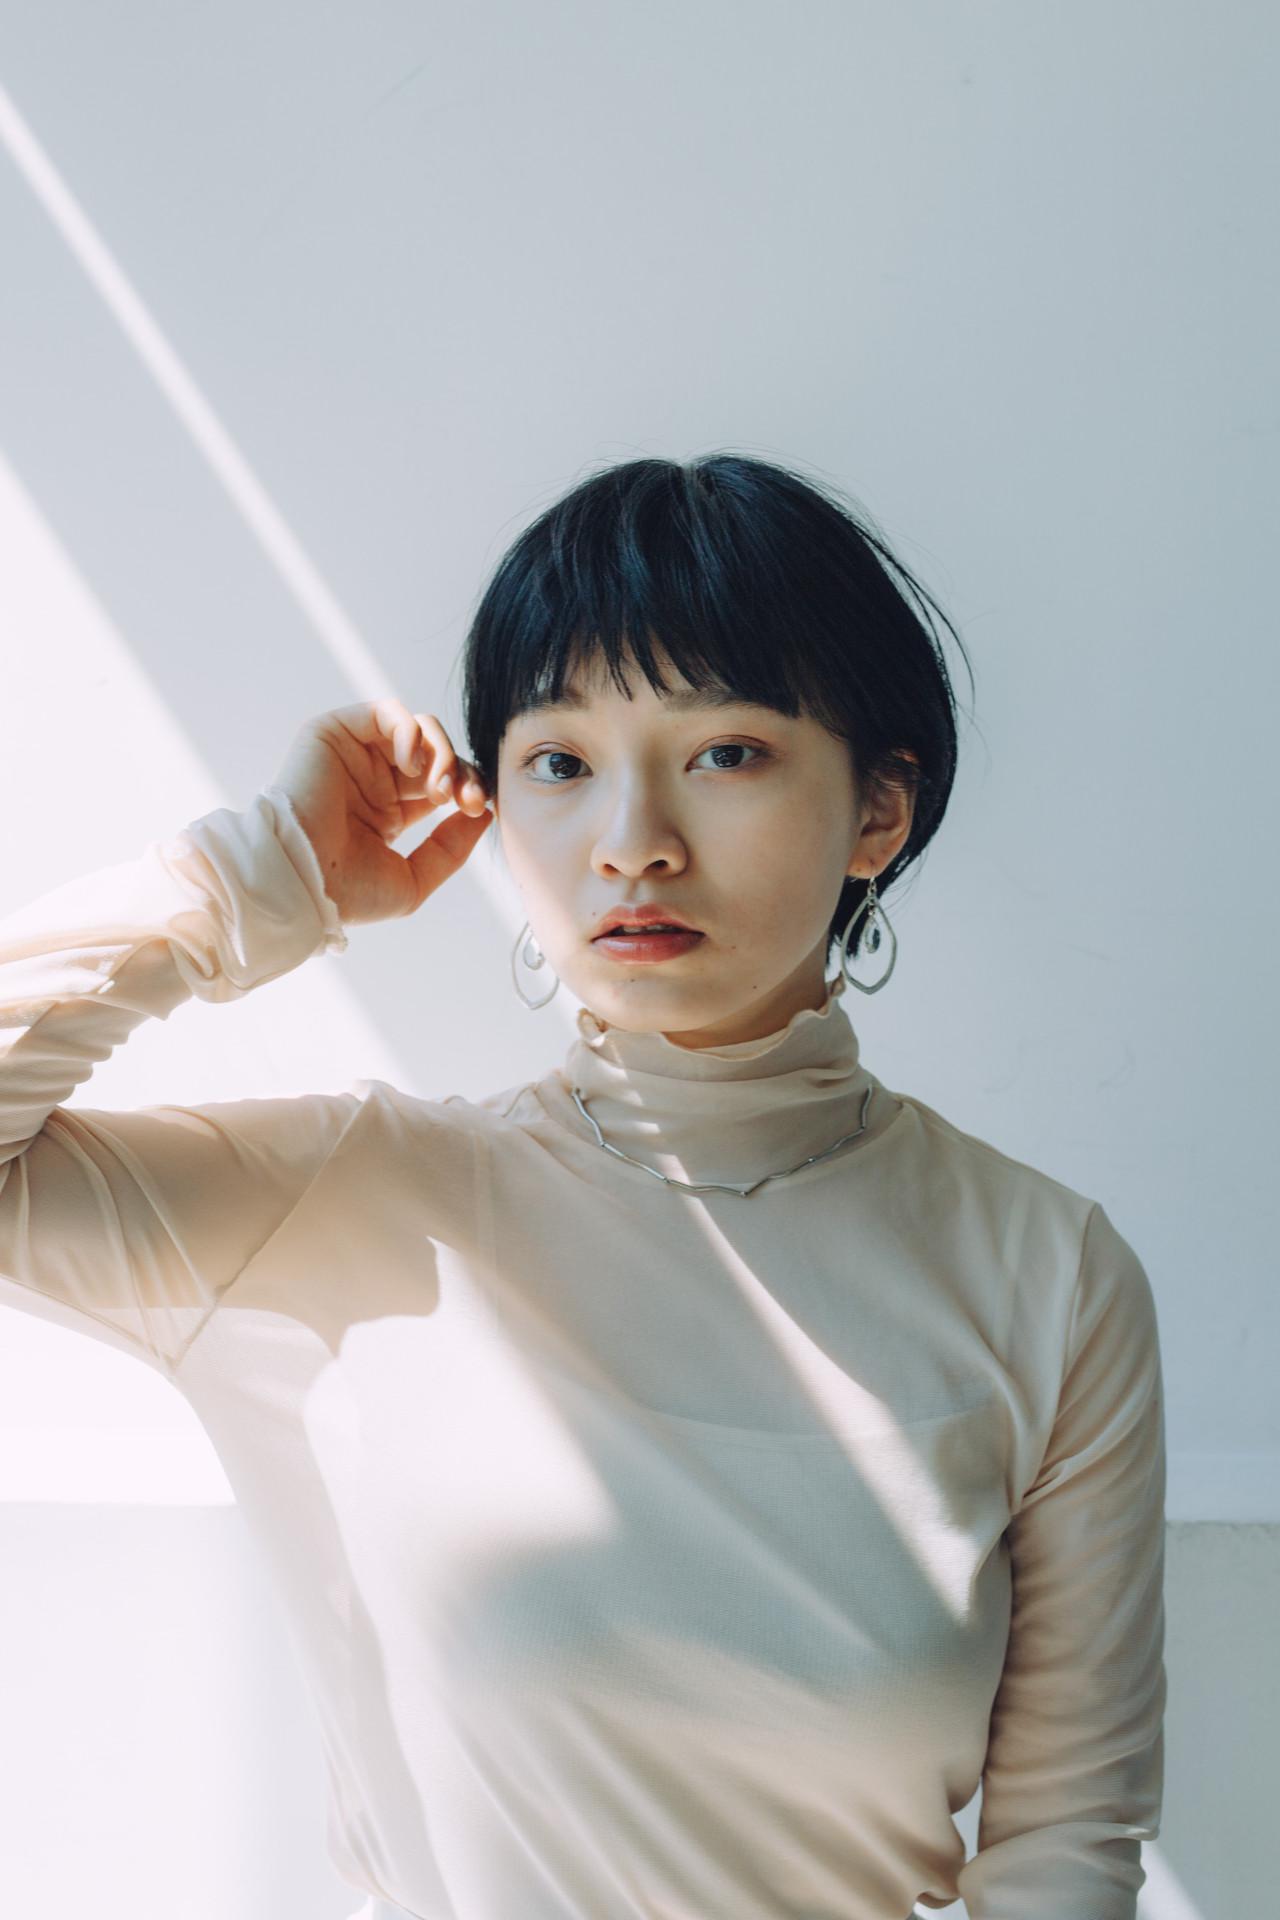 ナチュラル ショートボブ ハンサムショート ショートヘア ヘアスタイルや髪型の写真・画像 | 児玉善央 / GARDEN harajuku